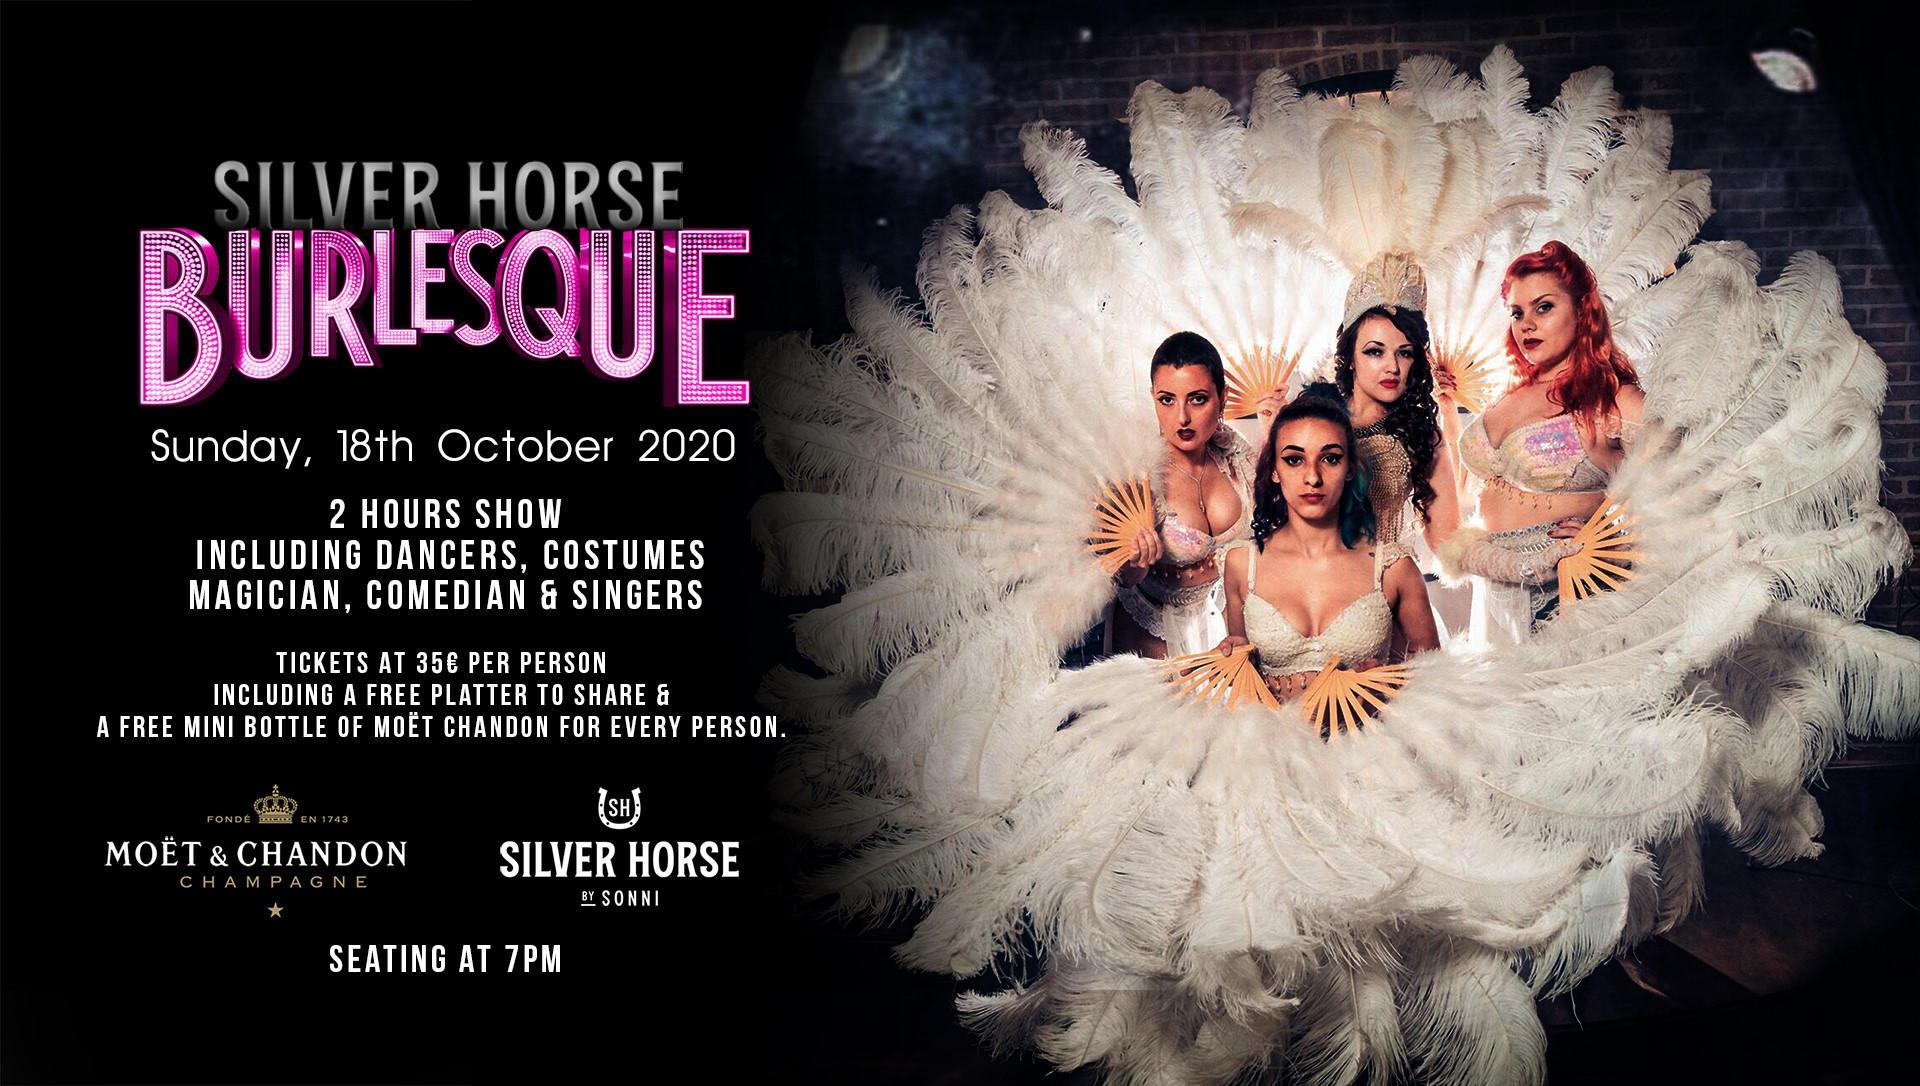 Silver Horse Burlesque - Sunday, 18th October